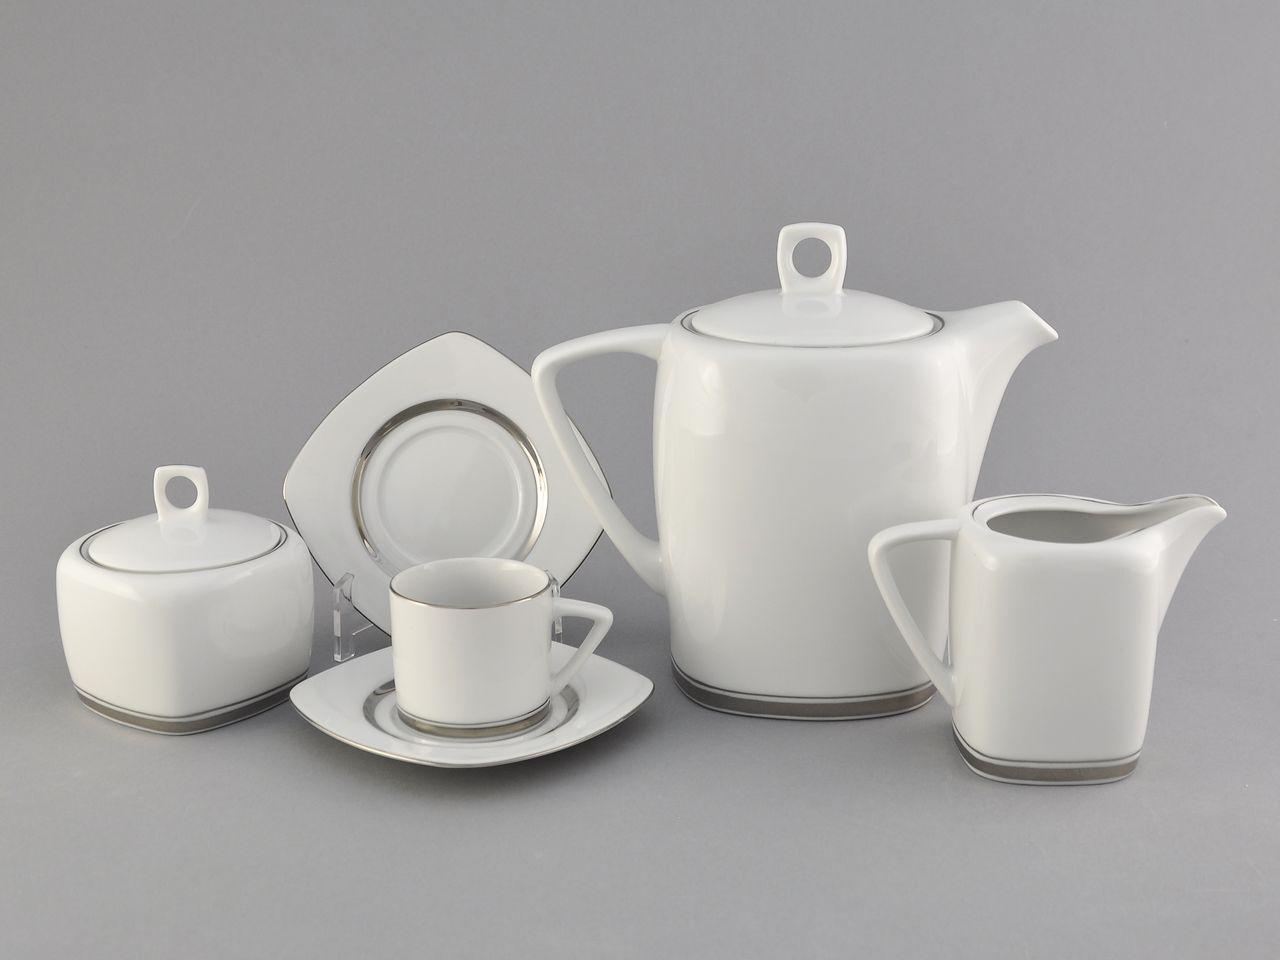 Фото Сервиз кофейный 15 предметов на 6 персон, чашки 100 мл, Форма Бьянка Айсберг